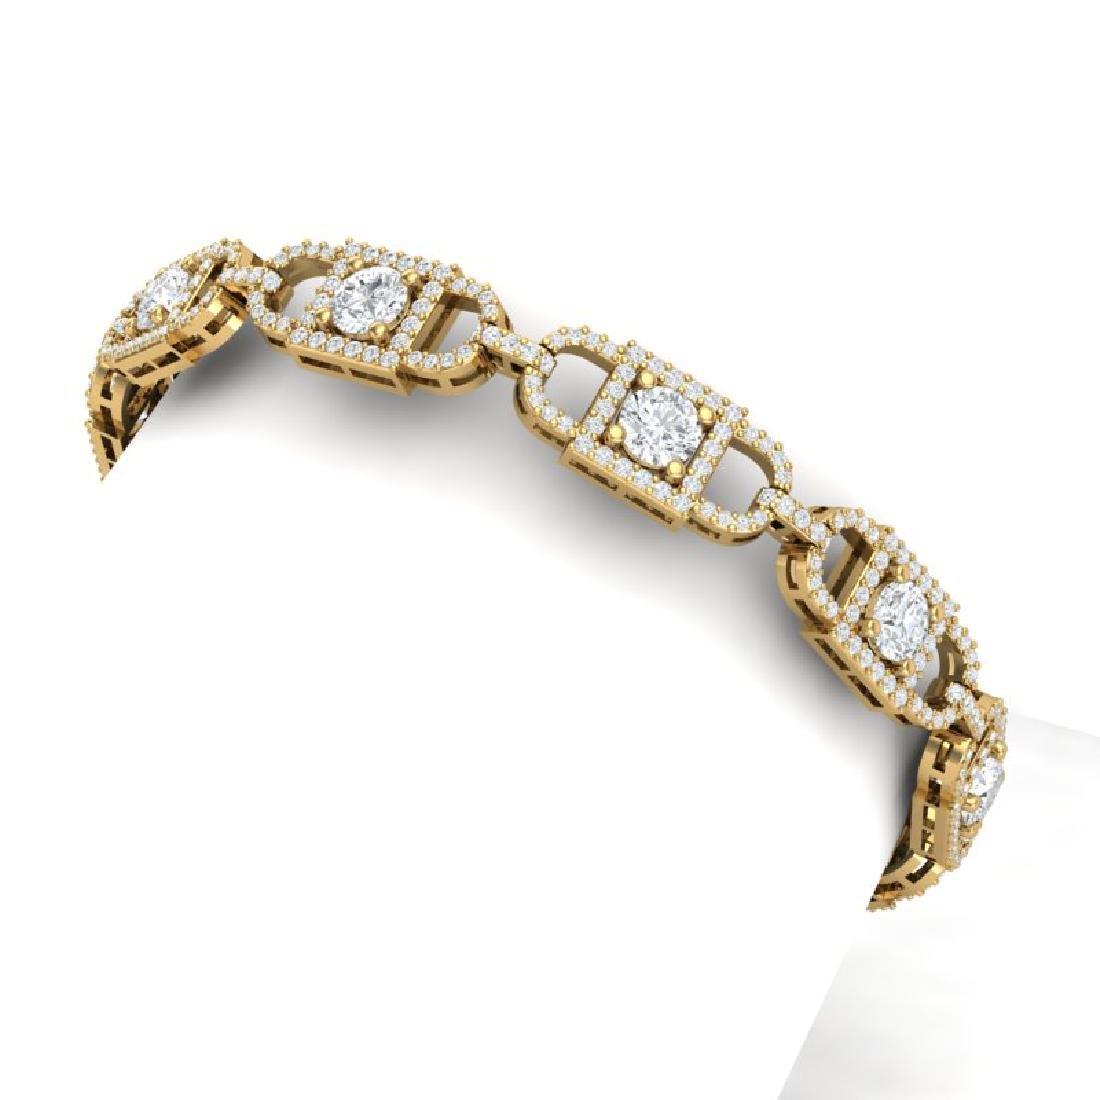 8 CTW Certified SI/I Diamond Halo Bracelet 18K Yellow